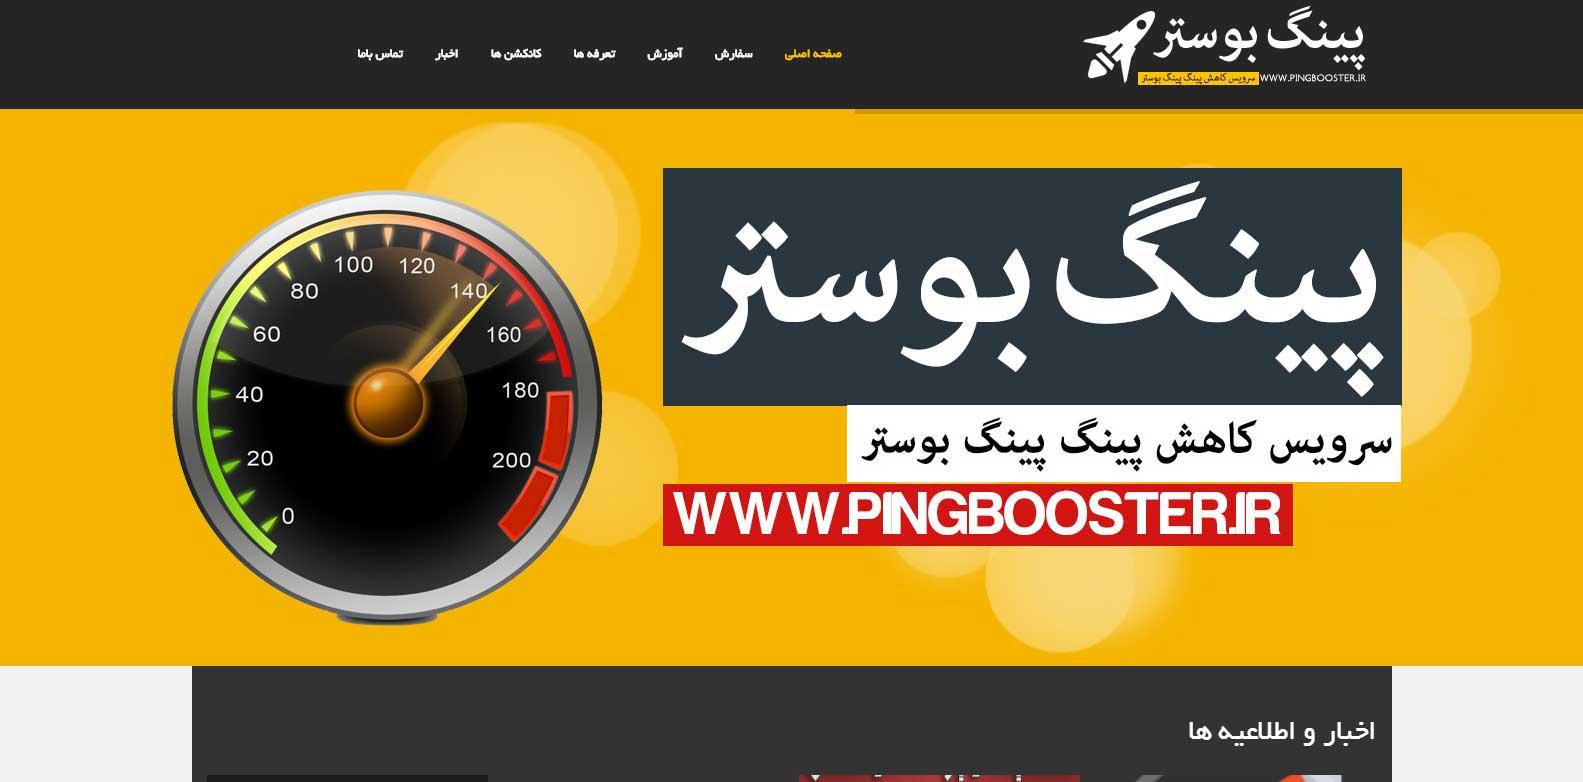 طراحی سایت پینگ بوستر